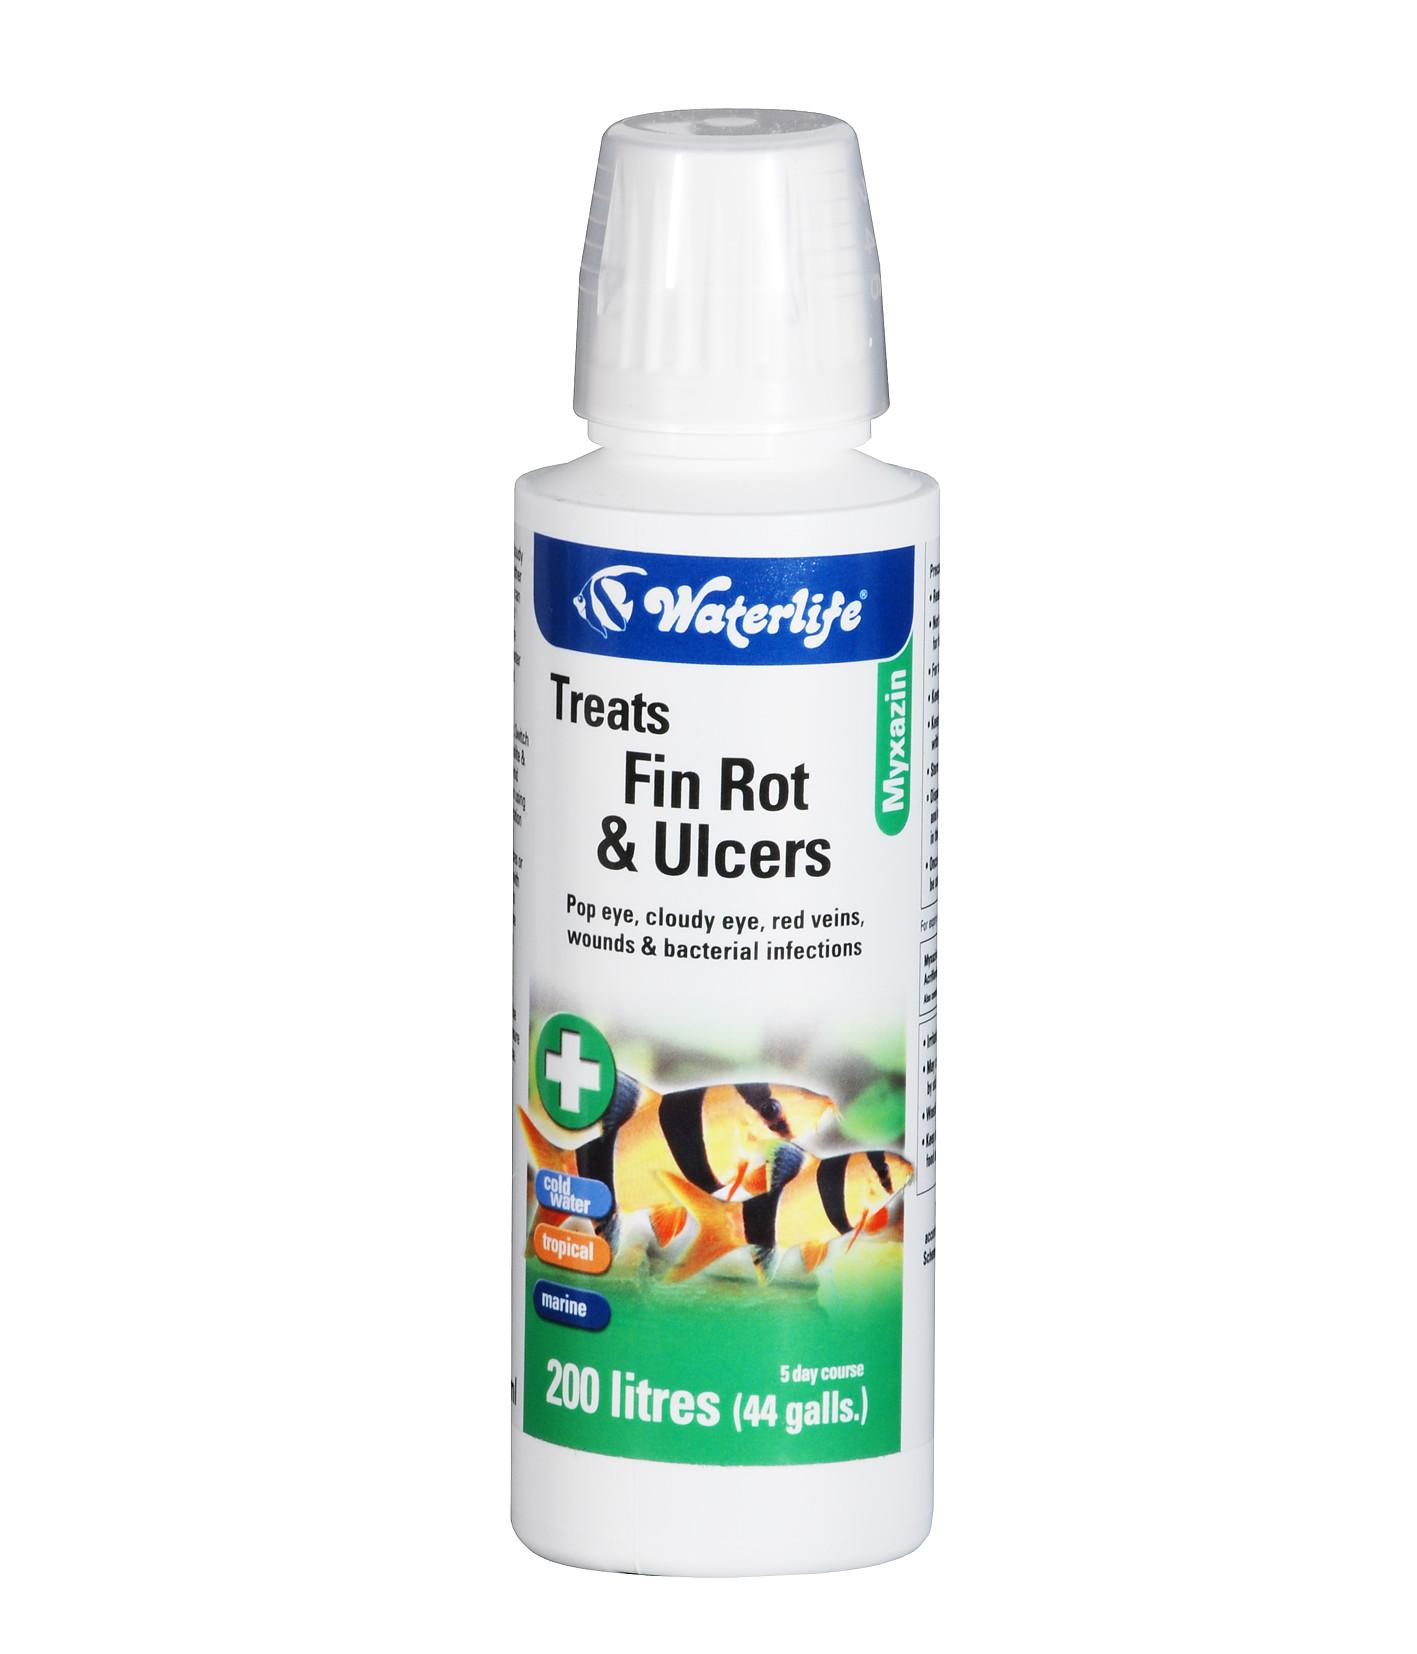 Billede af det ulovlige produkt: Waterlife Myxazin